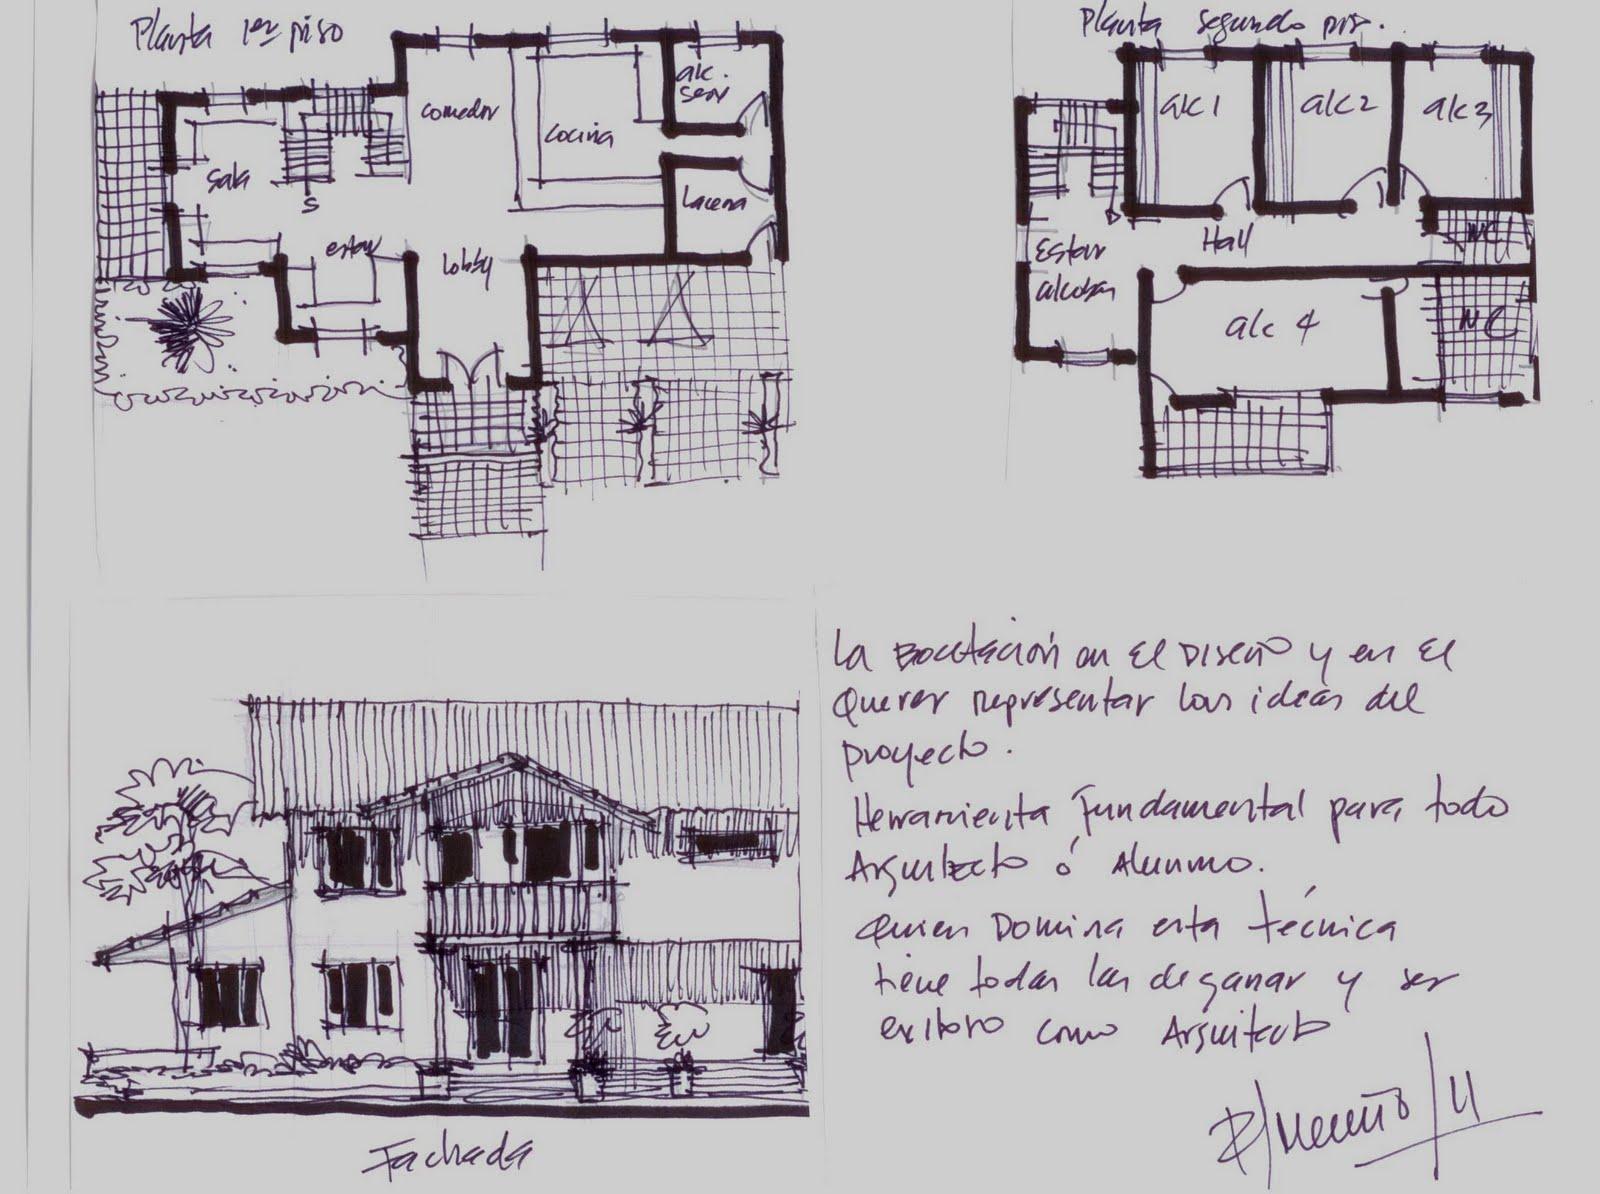 Revista digital apuntes de arquitectura bocetos a mano for Que es diseno en arquitectura